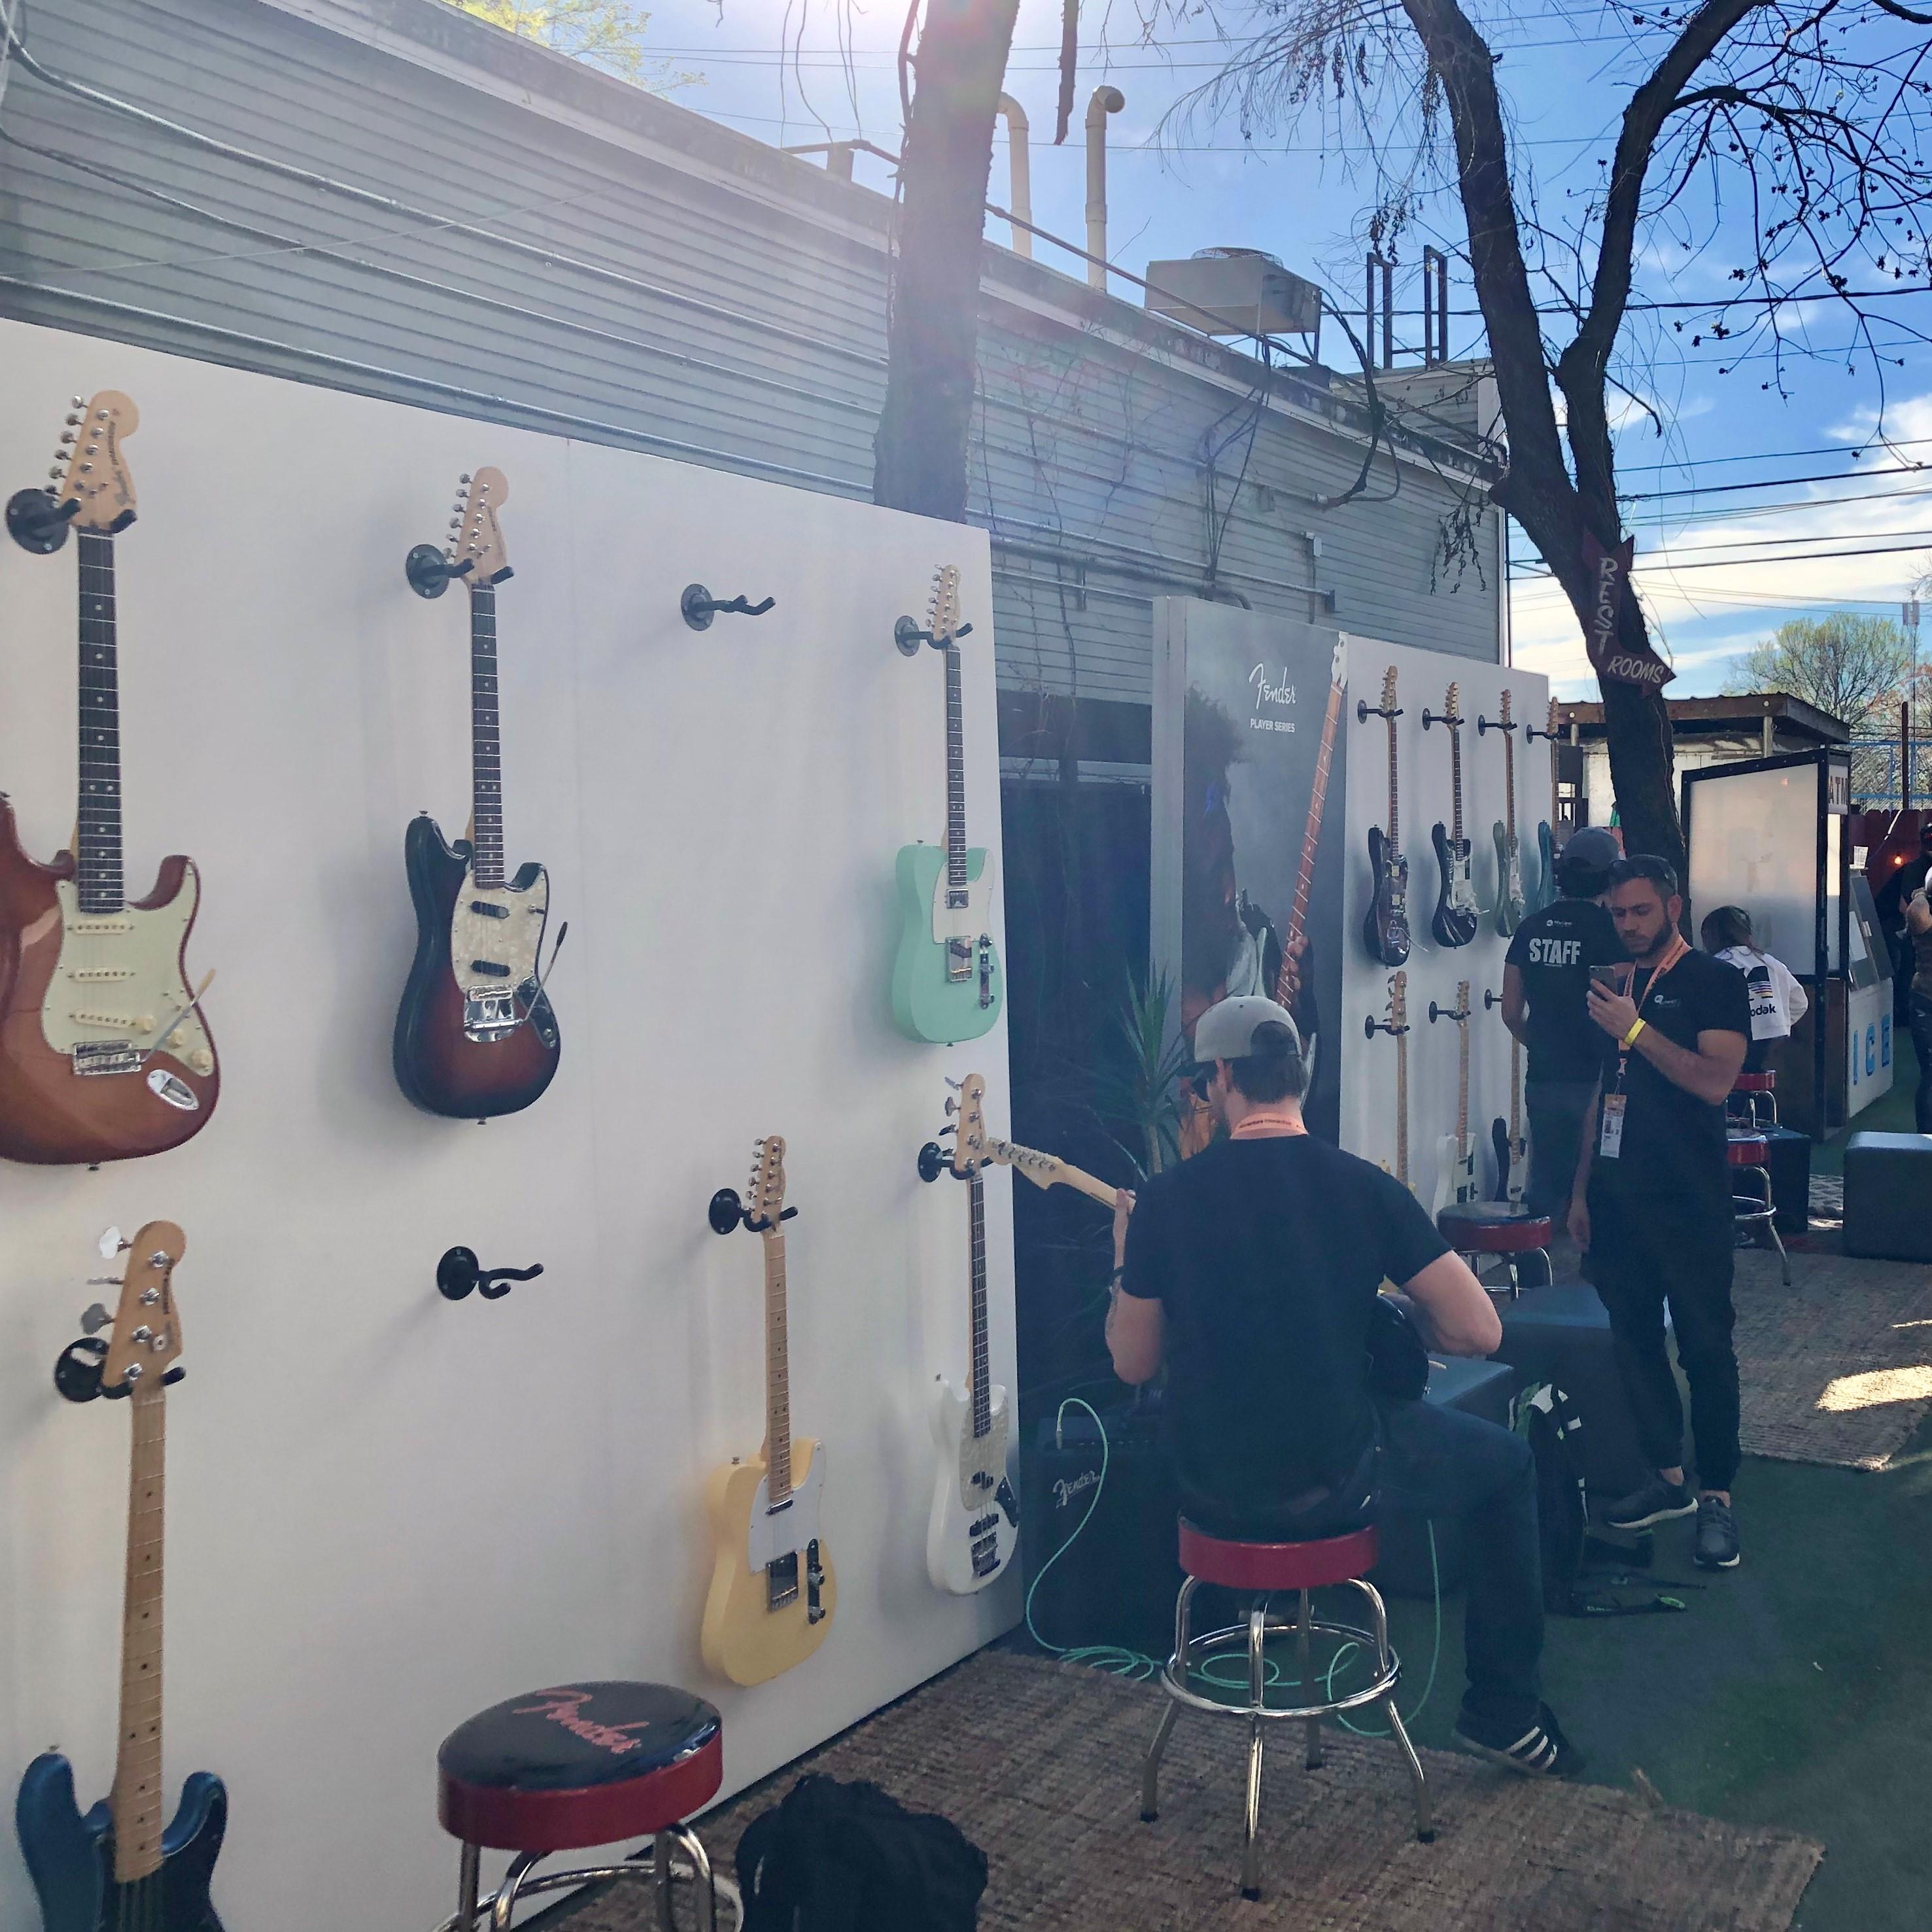 Fender 2 walls better